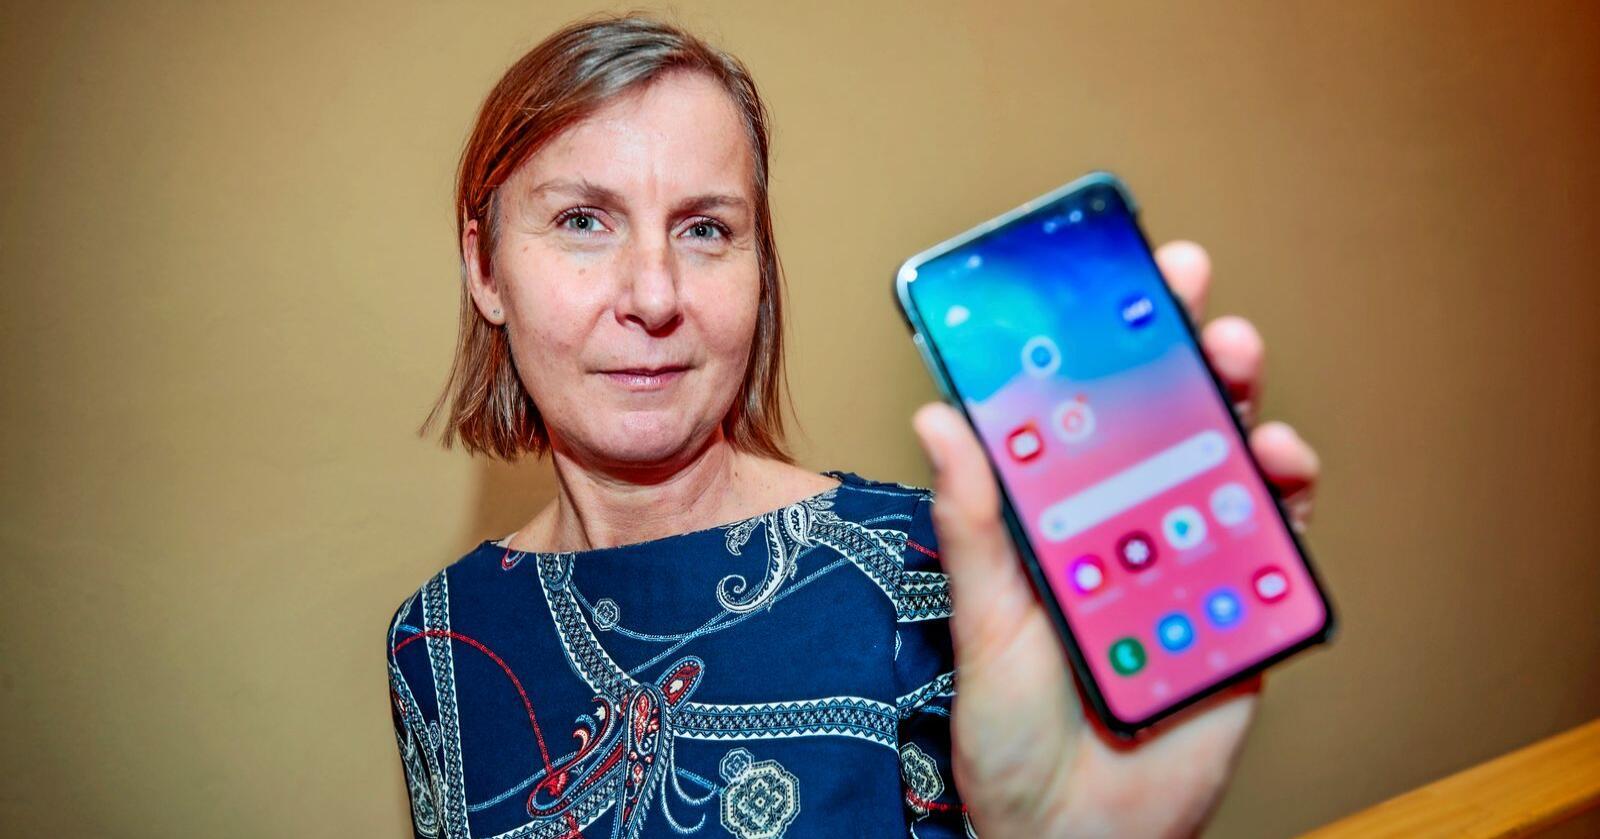 Elisabeth Aarsæther følger situasjonen for nettilgang over hele landet. Foto: Lise Åserud / NTB scanpix